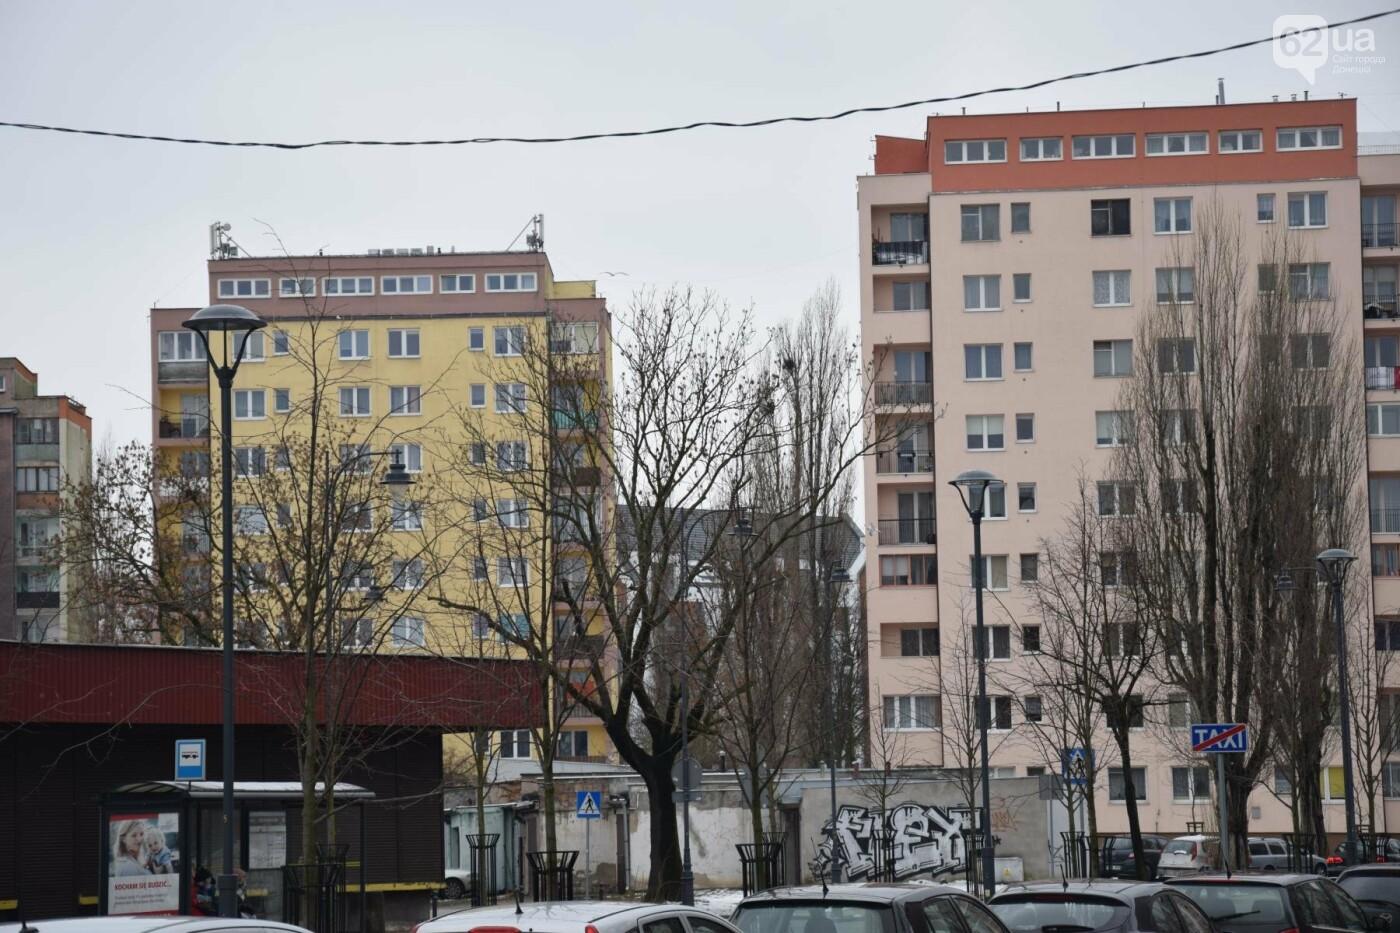 Ревитализация по-гданьски: что можно сделать с Верхними Аджахами, и какой могла бы стать ул. Торговая в Мариуполе, фото-9